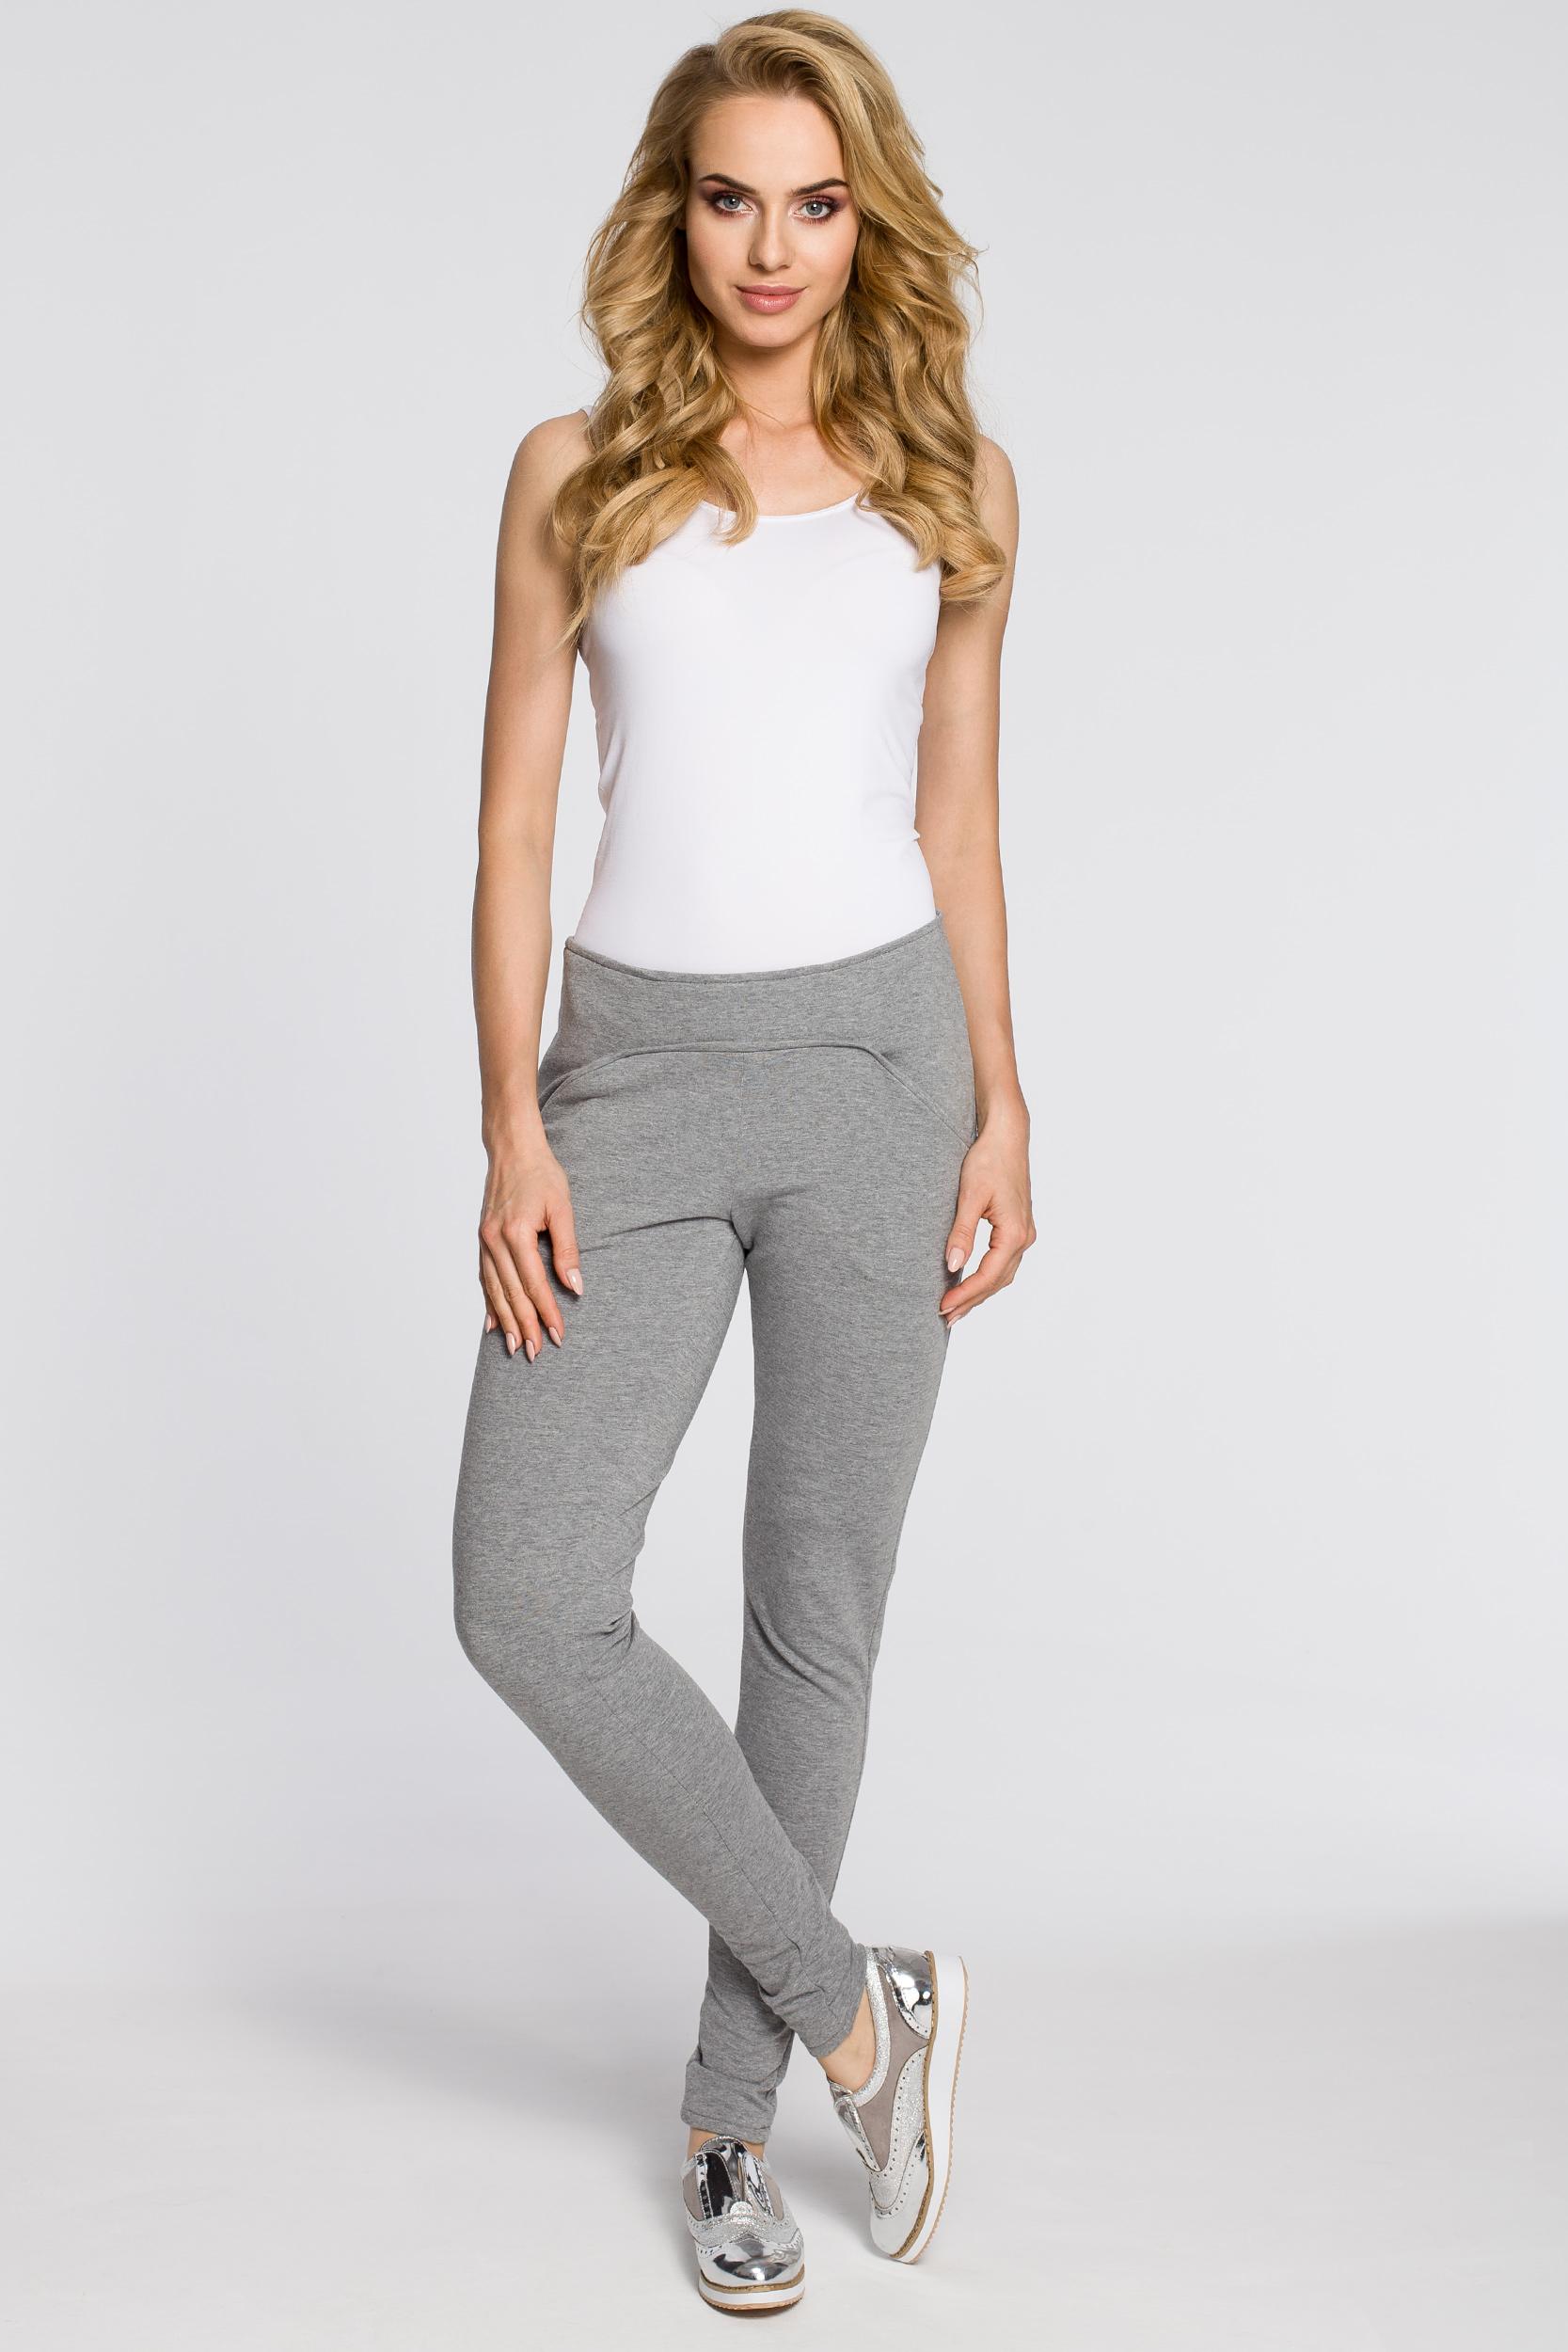 CM2046 Stylowe dresowe spodnie damskie - szare